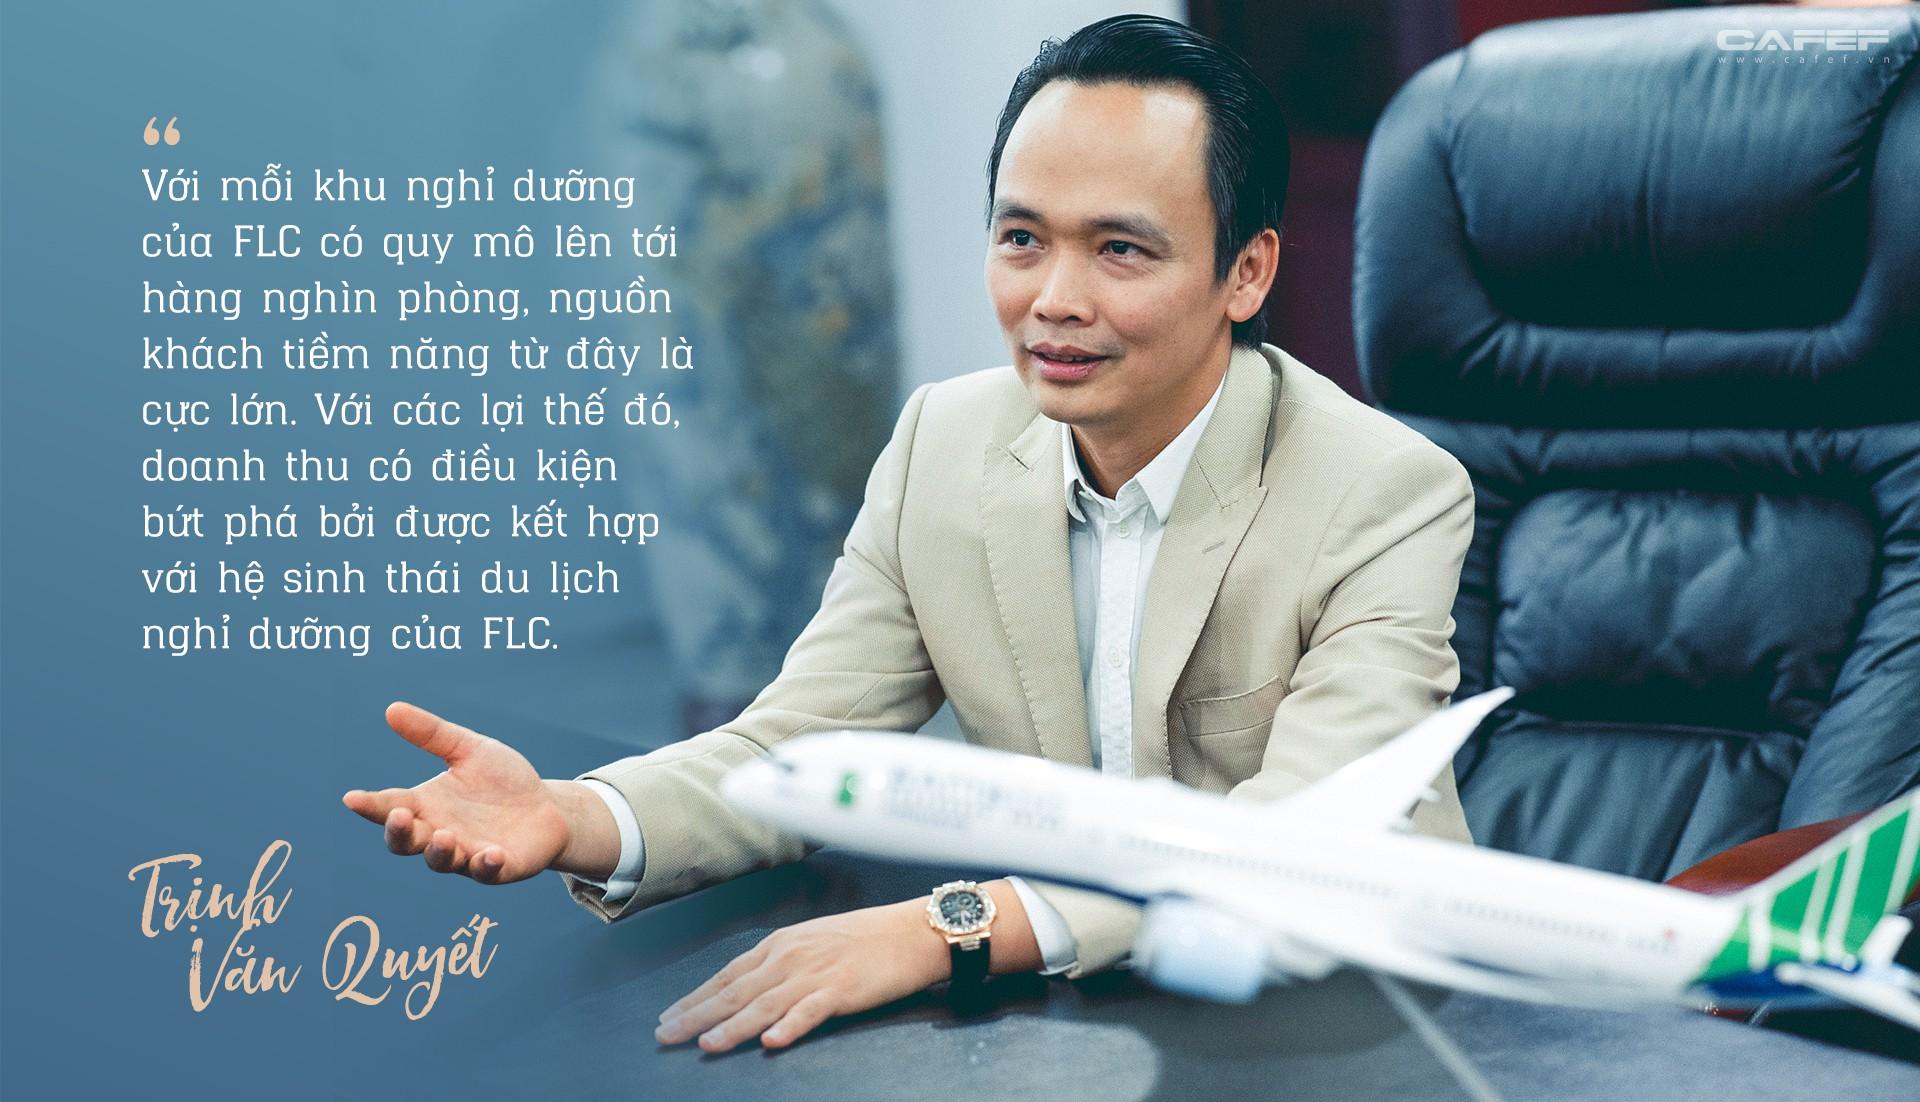 Chủ tịch FLC Trịnh Văn Quyết: Tôi thấy vận hành hãng hàng không dễ hơn làm bất động sản! - Ảnh 11.